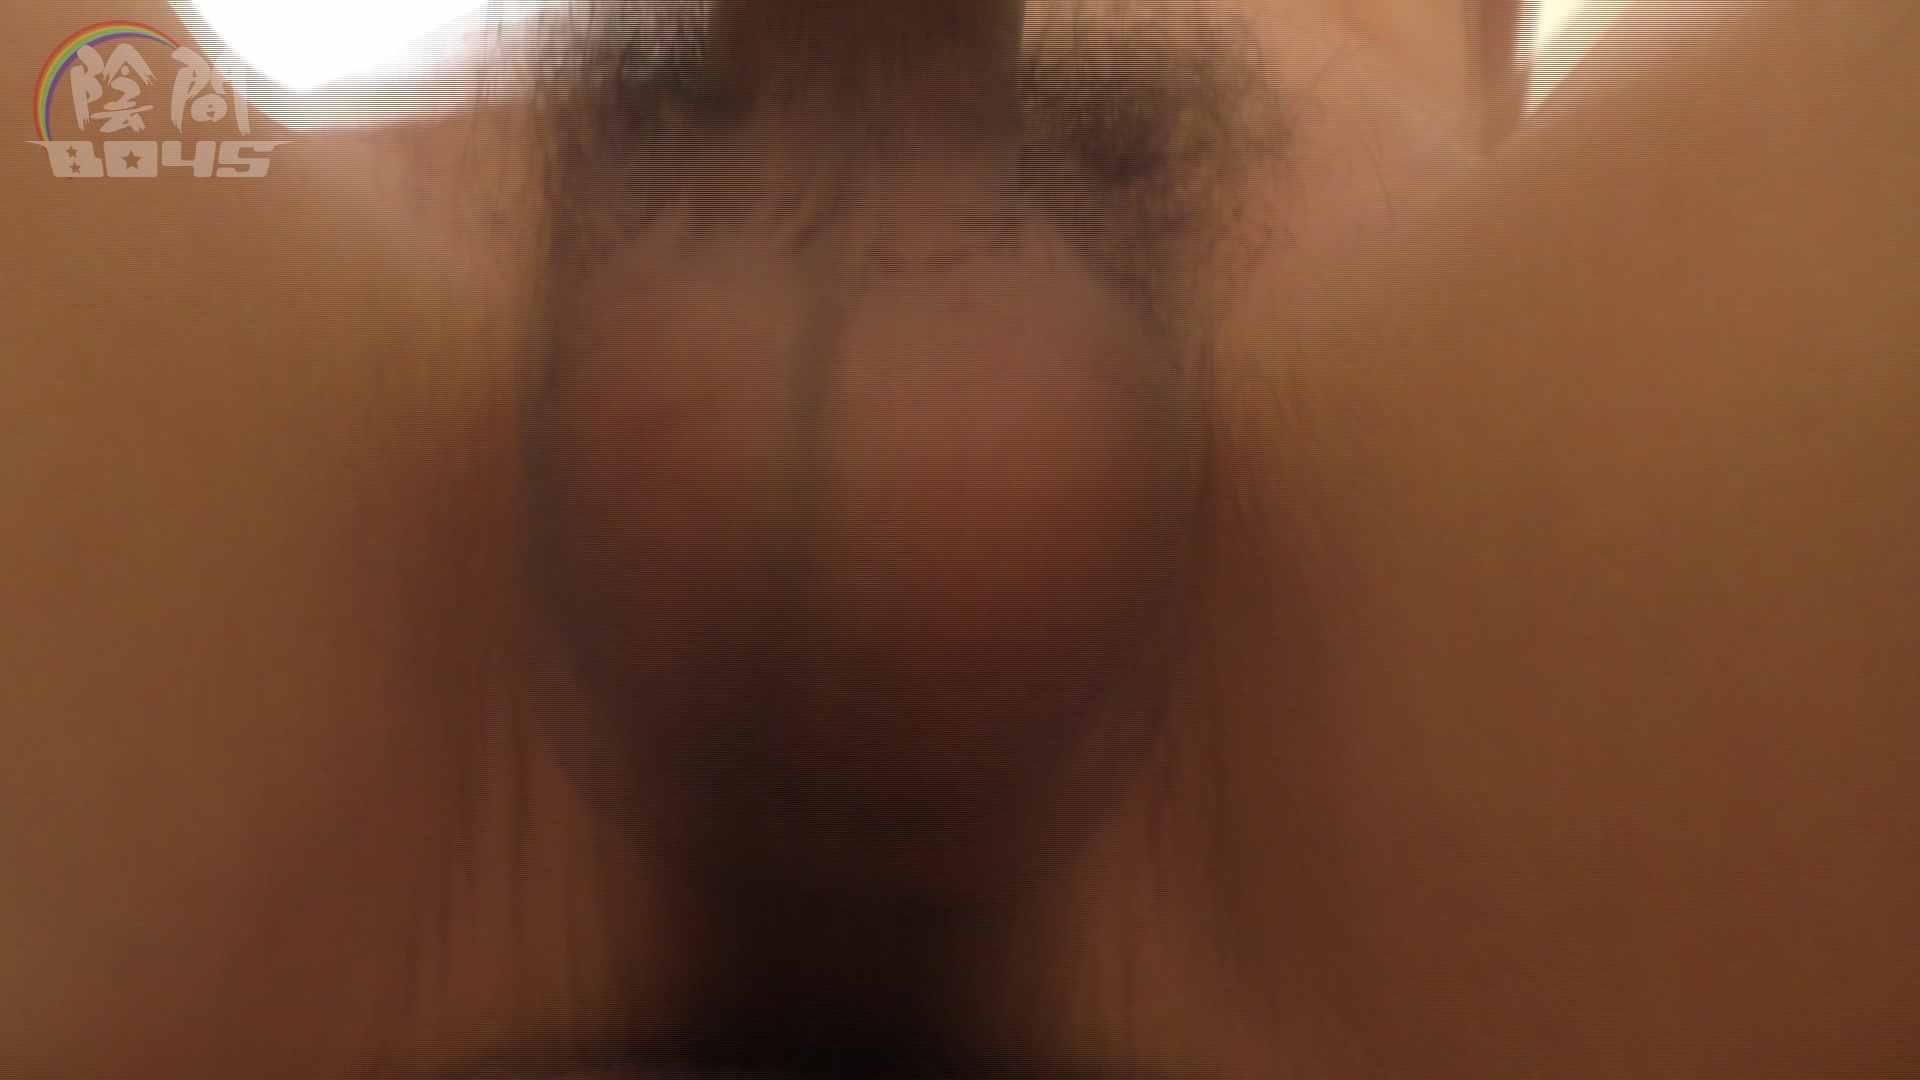 デカチン探偵・かしこまり!Part1File.07 フェラシーン | 男の世界  100画像 31